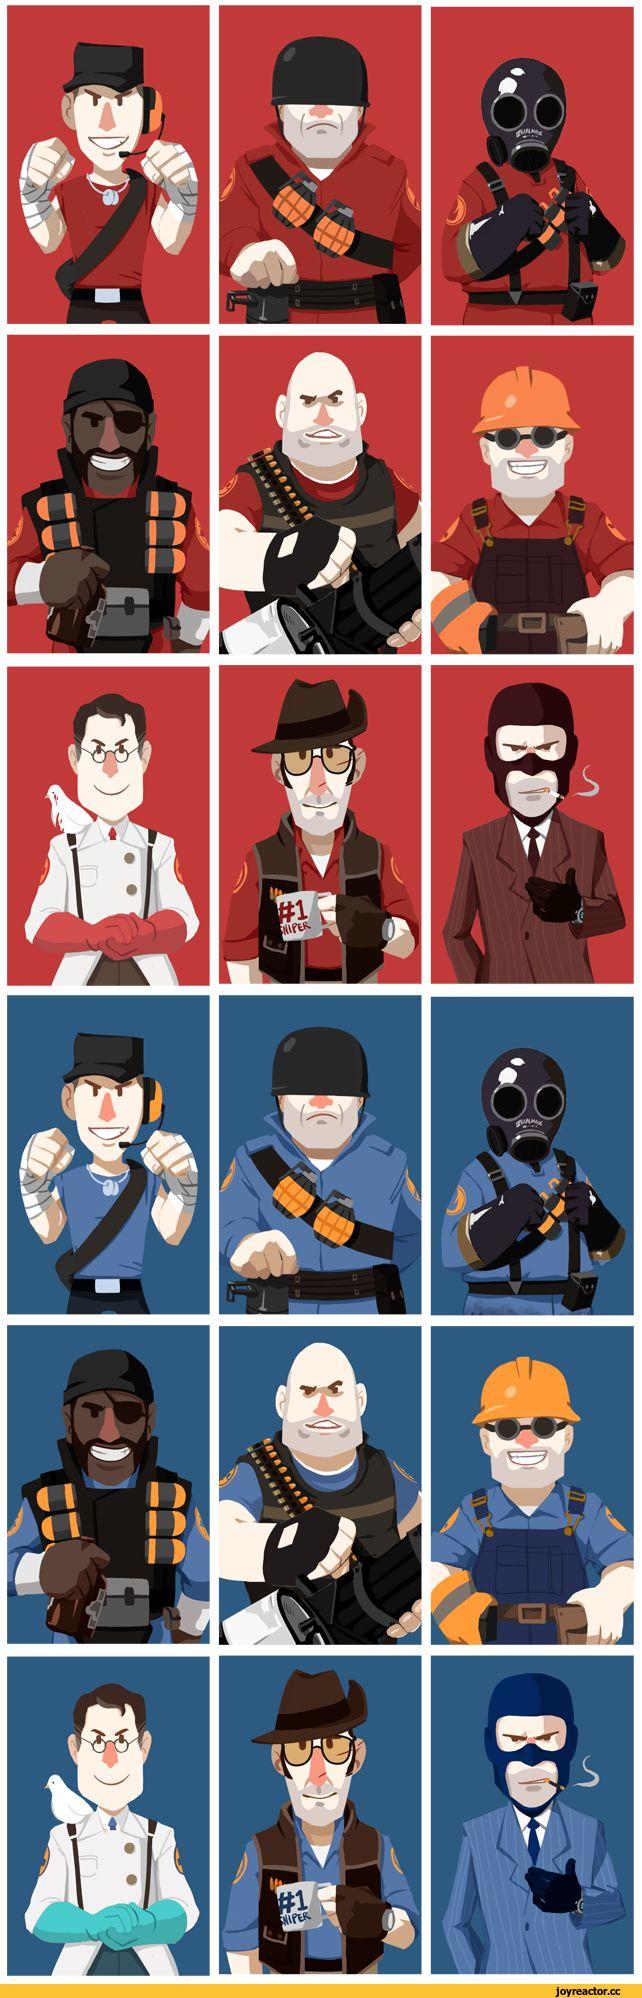 Team Fortress 2,Team Fortress,Игры,Медик,шпион,скаут,инженер,Пулемётчик,снайпер,Пиро,солдат,Игровой арт,game art,подрывник,spy,medic,поджигатель,синие,красные,наёмники корпорации Надёжных Раскопок и Подрывных Работ,наёмники Объединённой Лиги Строителей